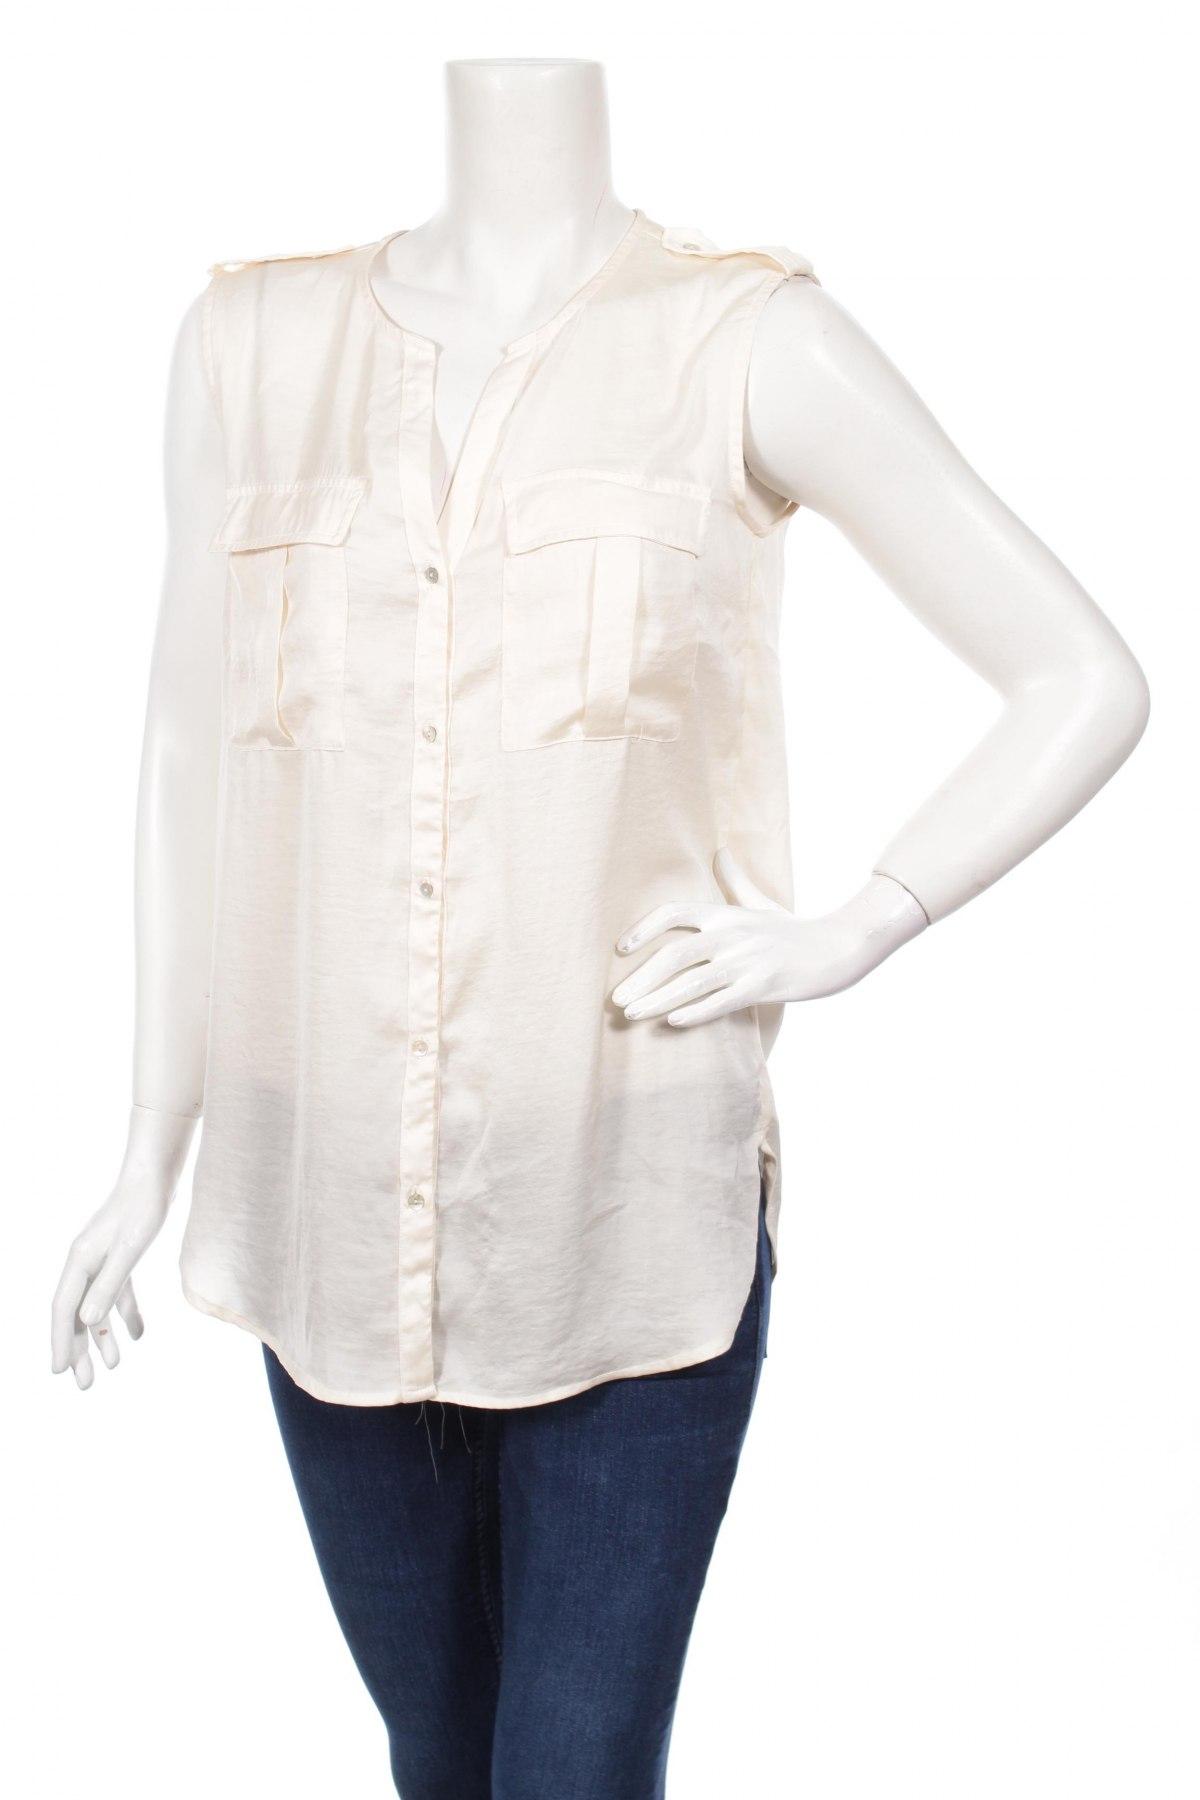 Γυναικείο πουκάμισο H&M, Μέγεθος M, Χρώμα Εκρού, 100% πολυεστέρας, Τιμή 11,75€